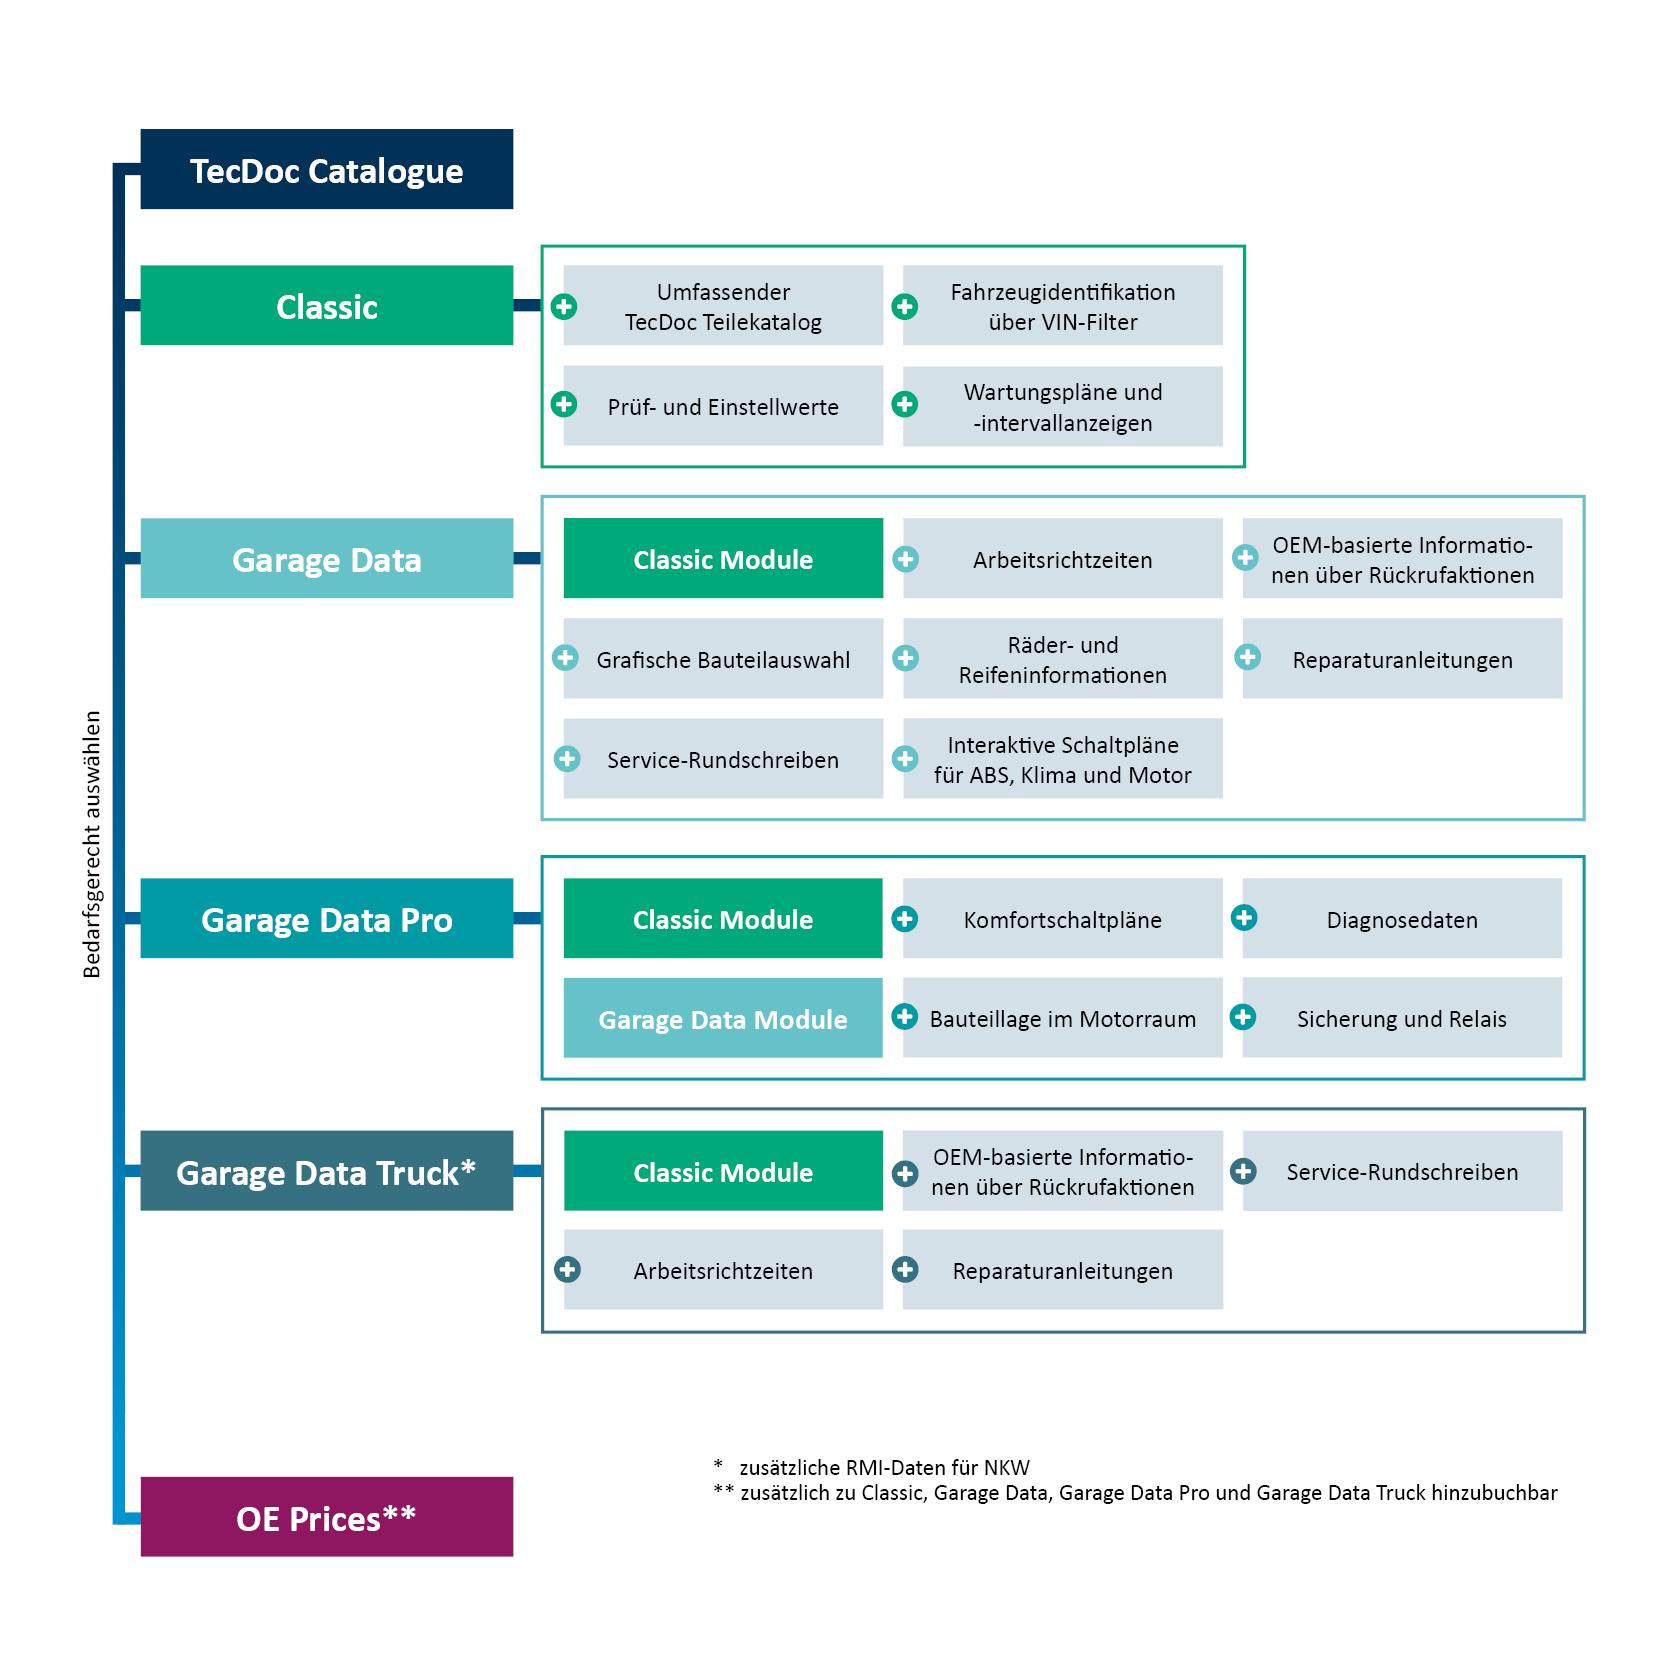 TecDoc-Catalogue-Modul-bersicht_DEN3SUxbRSjvWs4